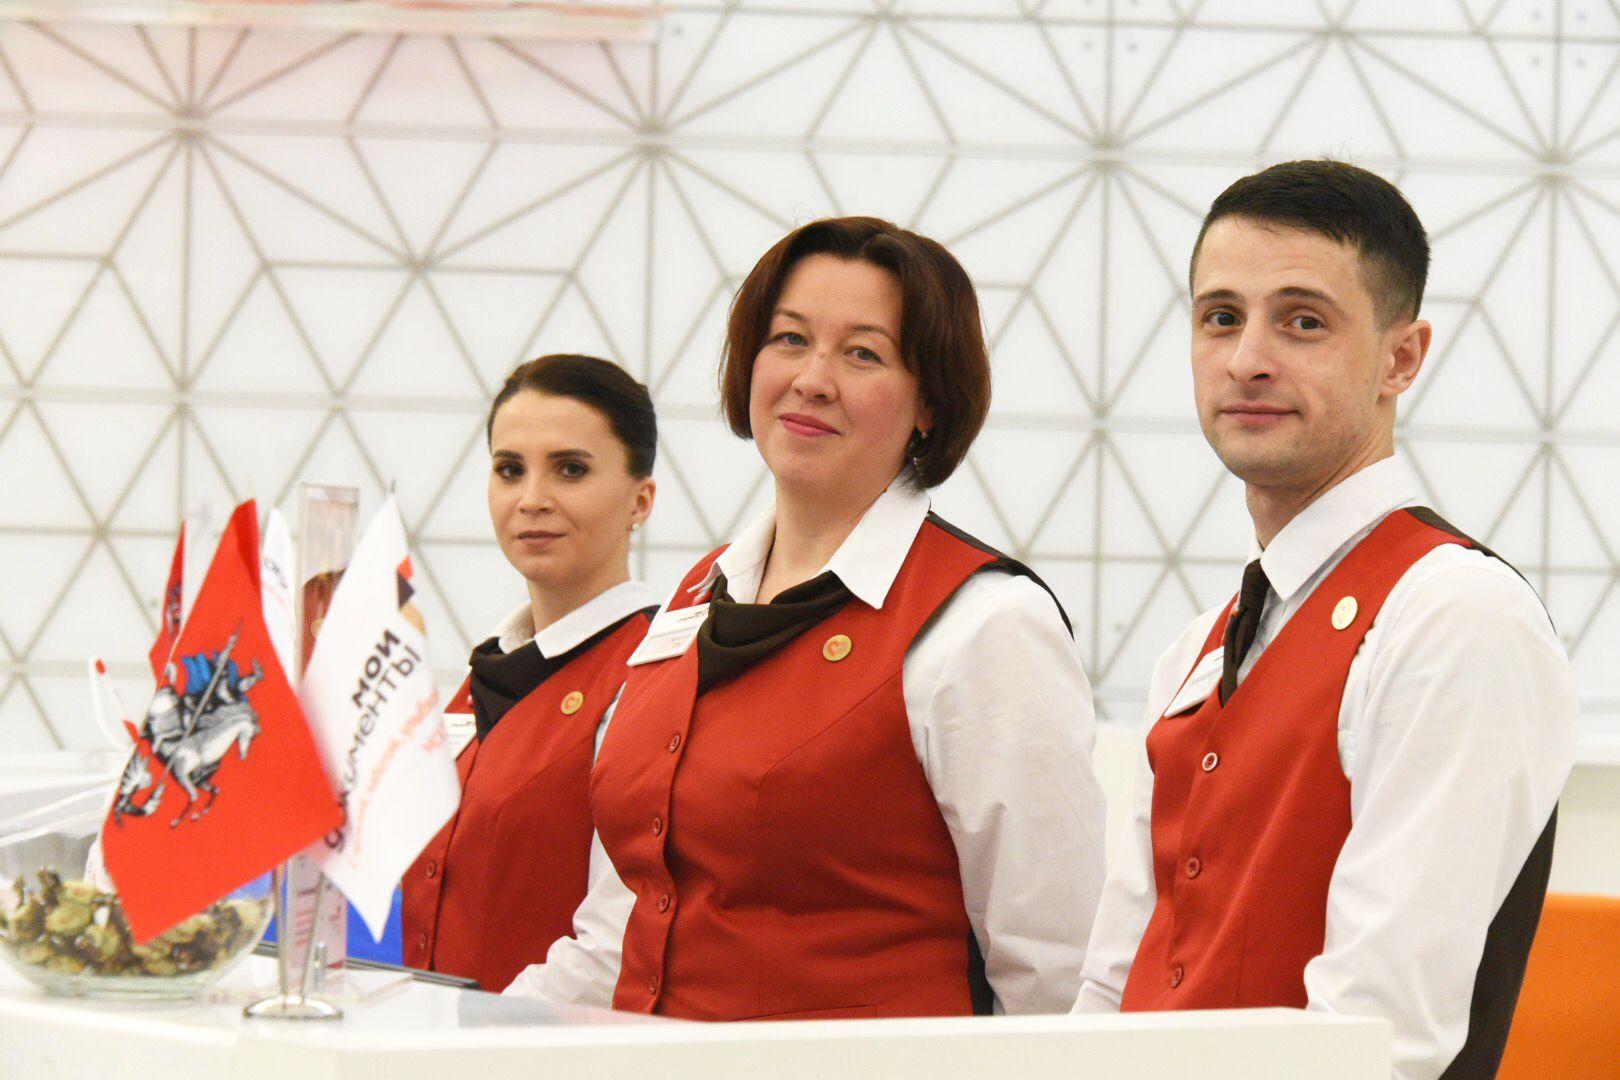 Центры госуслуг в Москве организуют бесплатные занятия